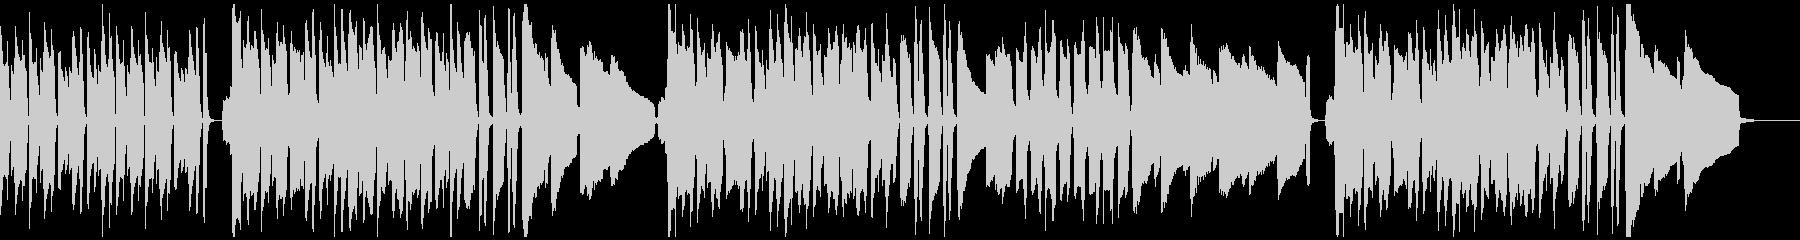 ピアノとハーモニカによるほのぼの曲の未再生の波形